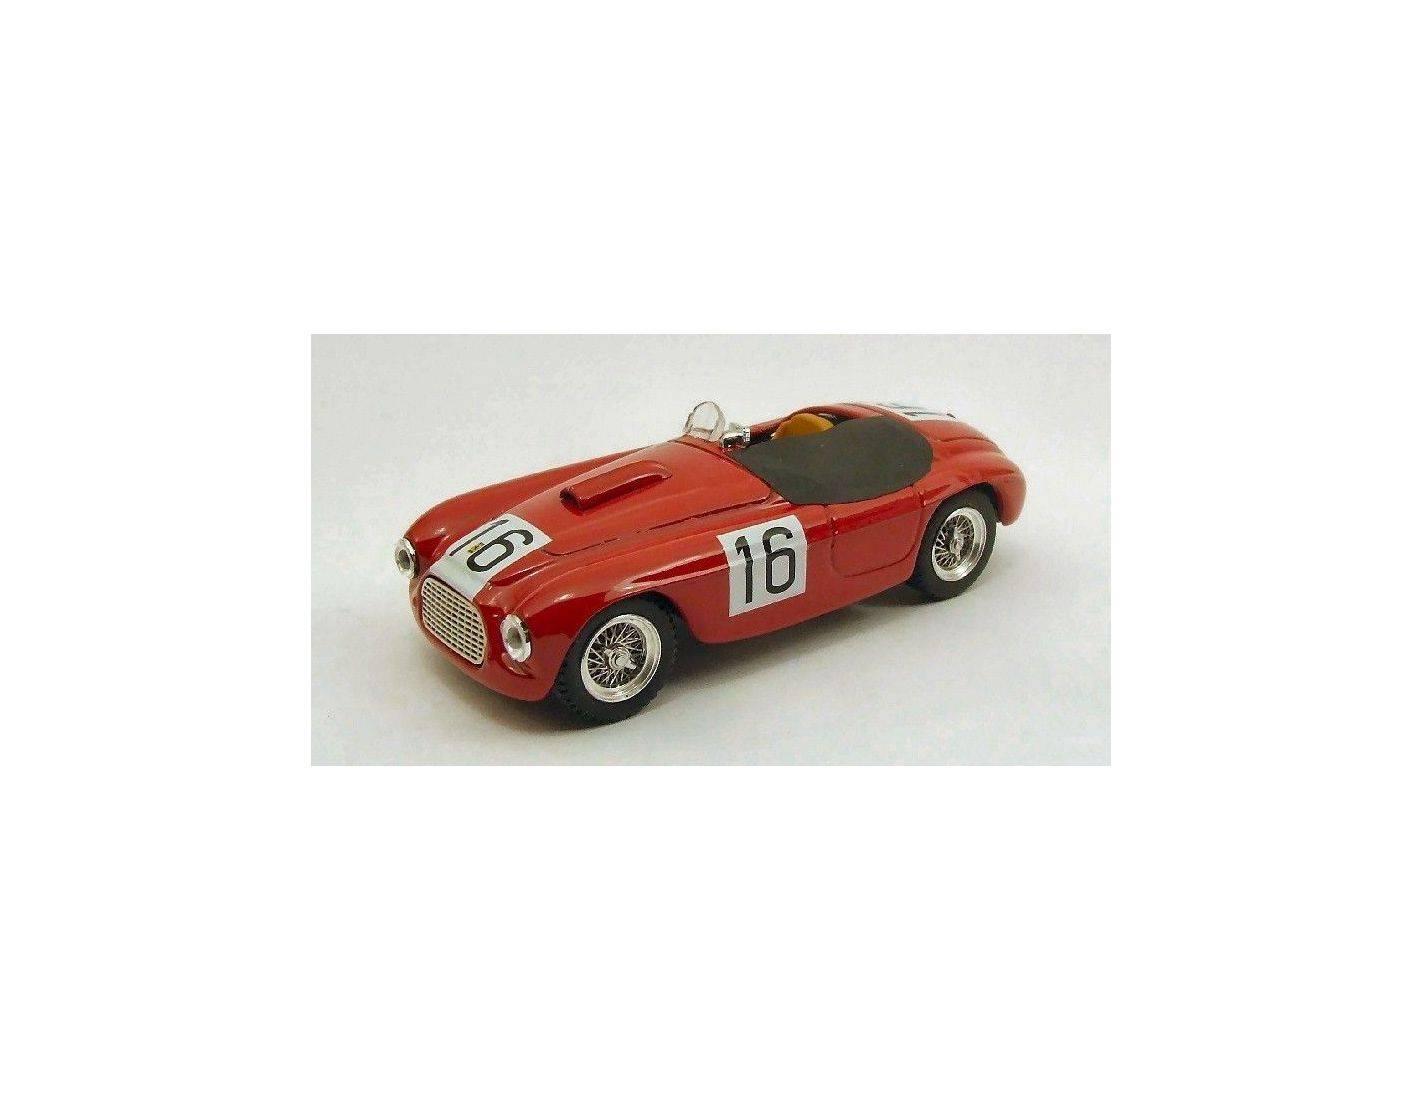 Art Model AM0227 FERRARI 166 SPYDER N.16 WINNER 12H PARIGI 1950 CHINETTI-LUCAS 1:43 Modellino